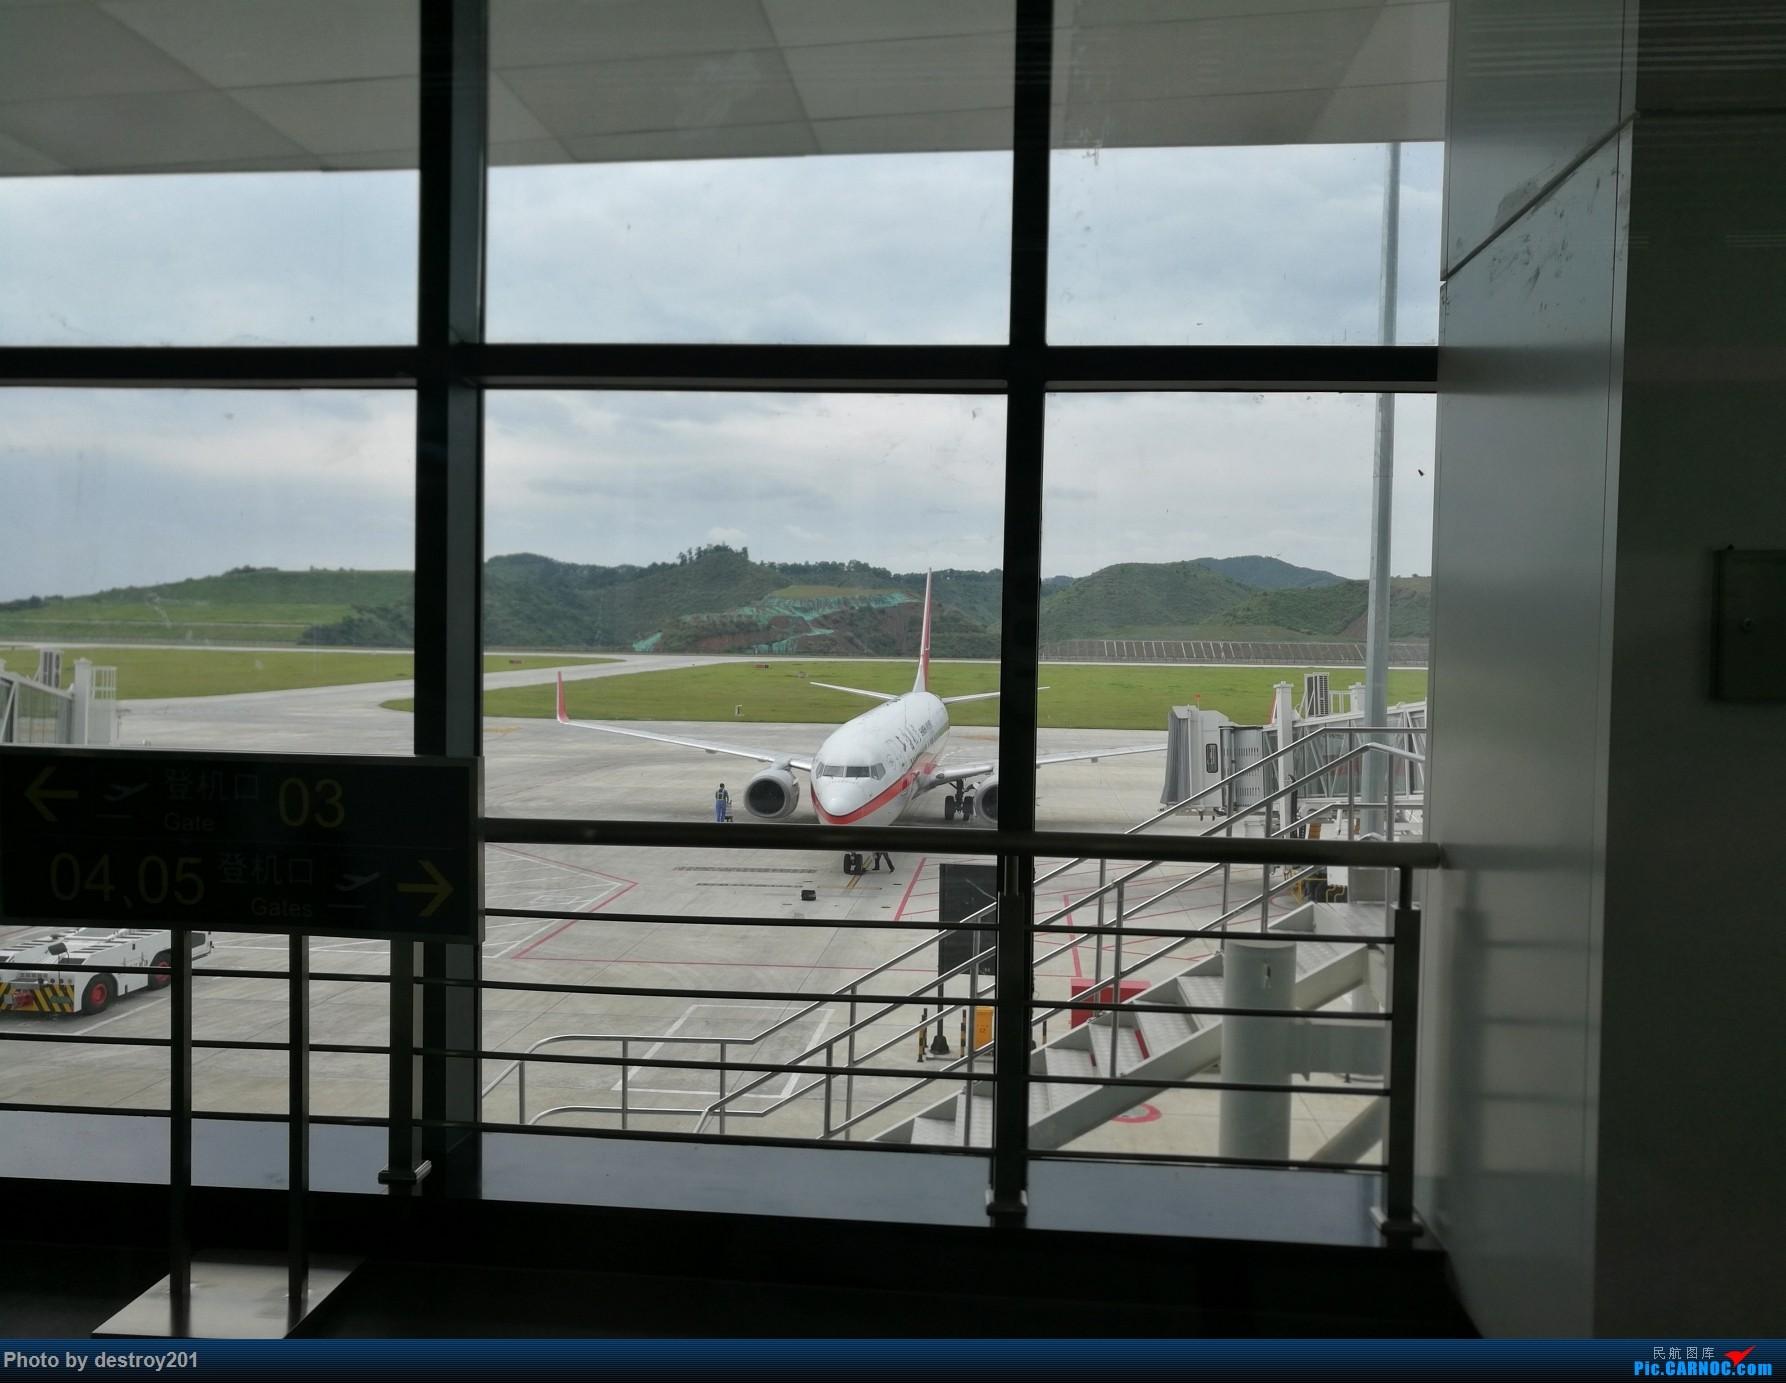 Re:[原创]【梧州飞友会】五一从梧州西江机场出发,长沙-怀化-凤凰古城游记 BOEING 737-800 B-5730